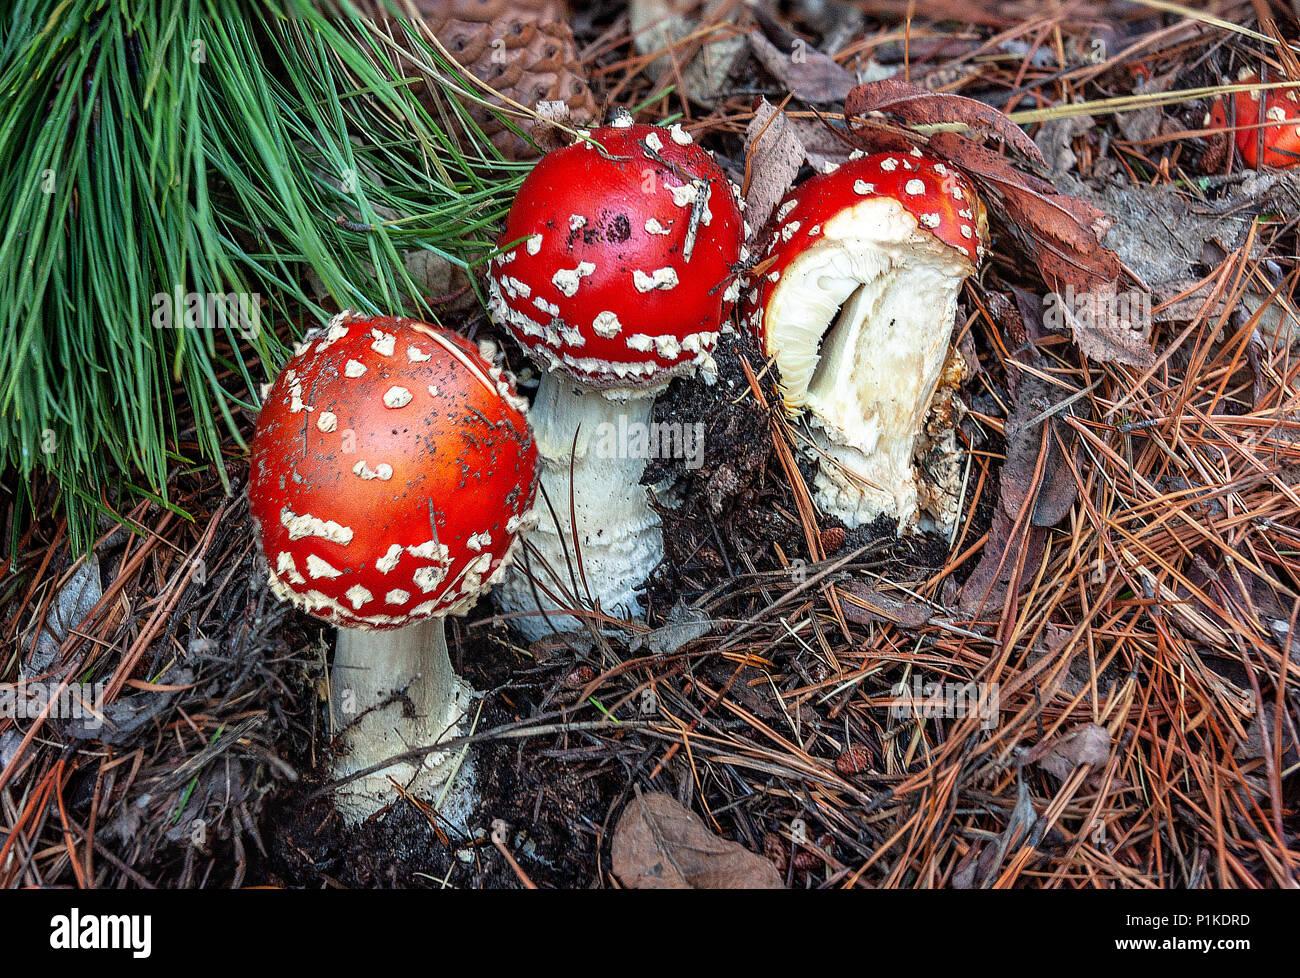 Funghi velenosi. Fungo velenoso con luminose di colore rosso e tappo di macchie bianche flake cresce tra alberi di pino in una foresta. Foto Stock